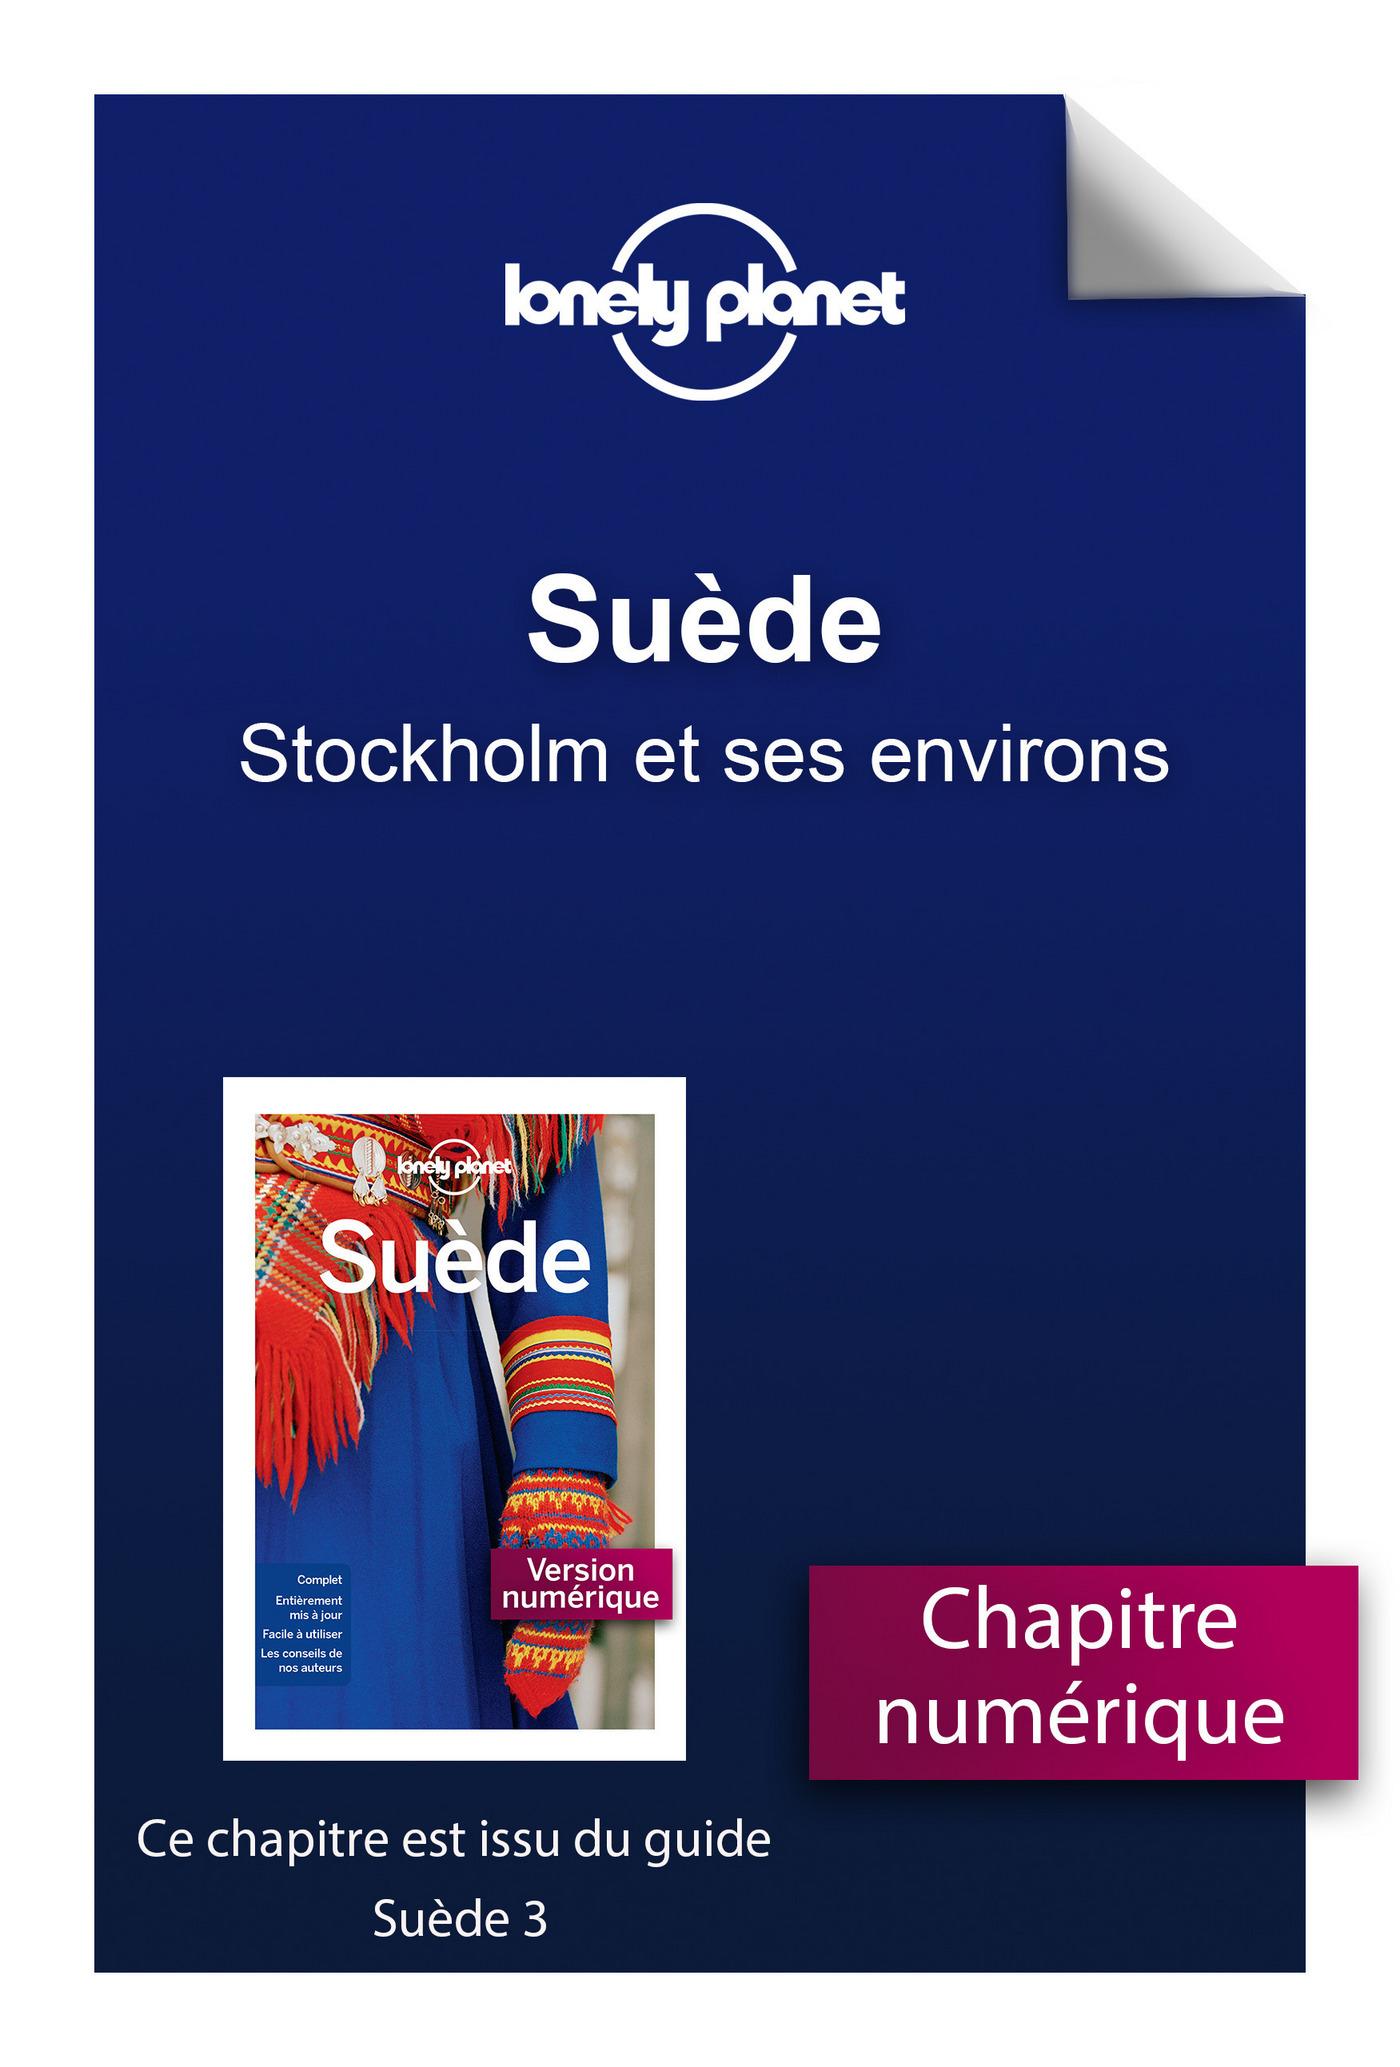 Suède 3 - Stockholm et ses environs